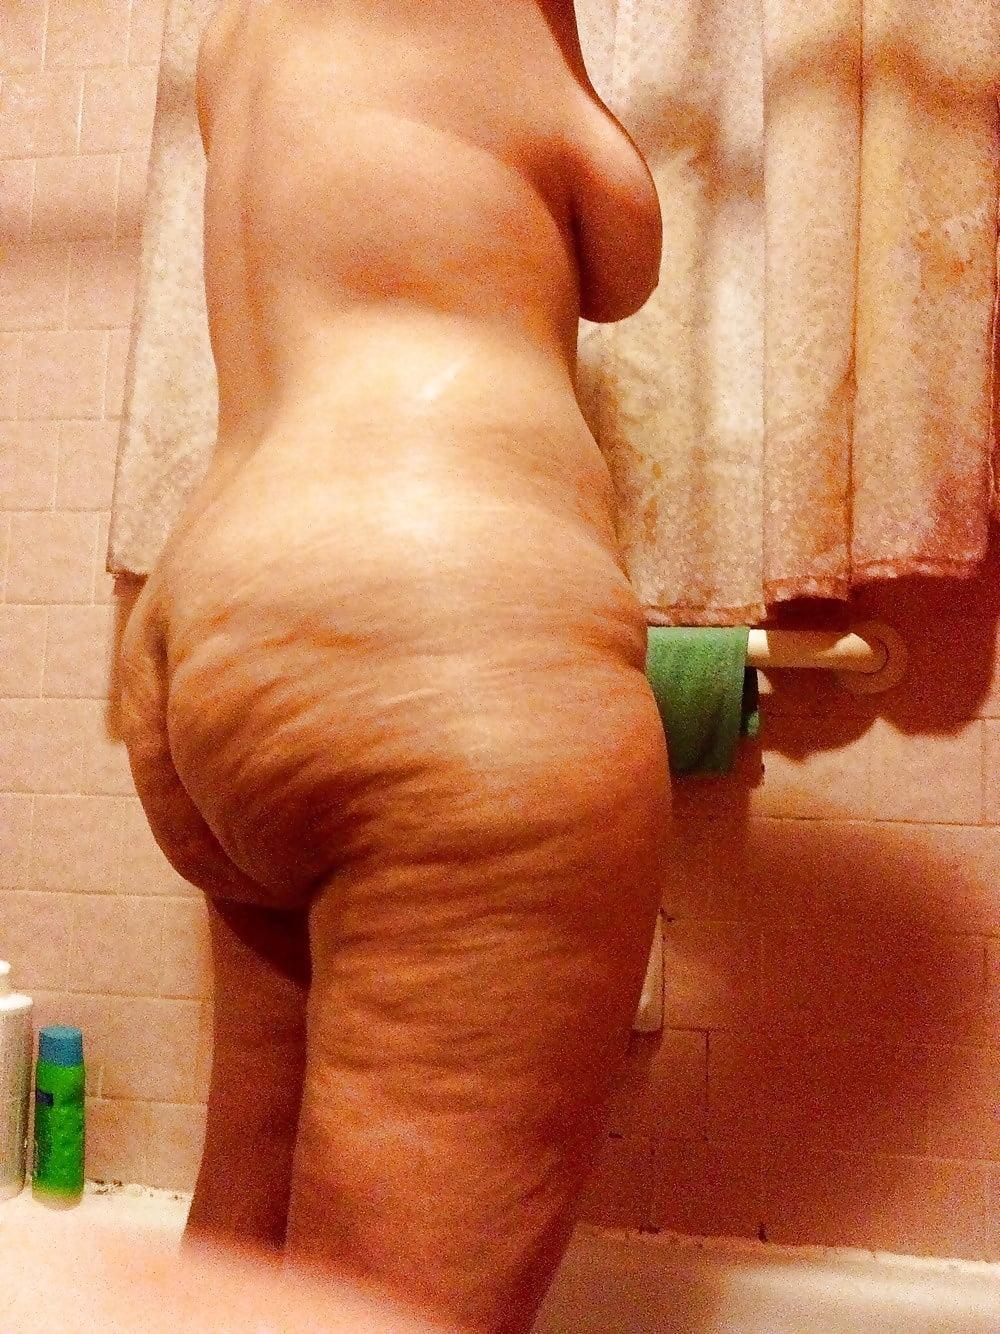 реальное фото дам с целлюлитом порно - 1